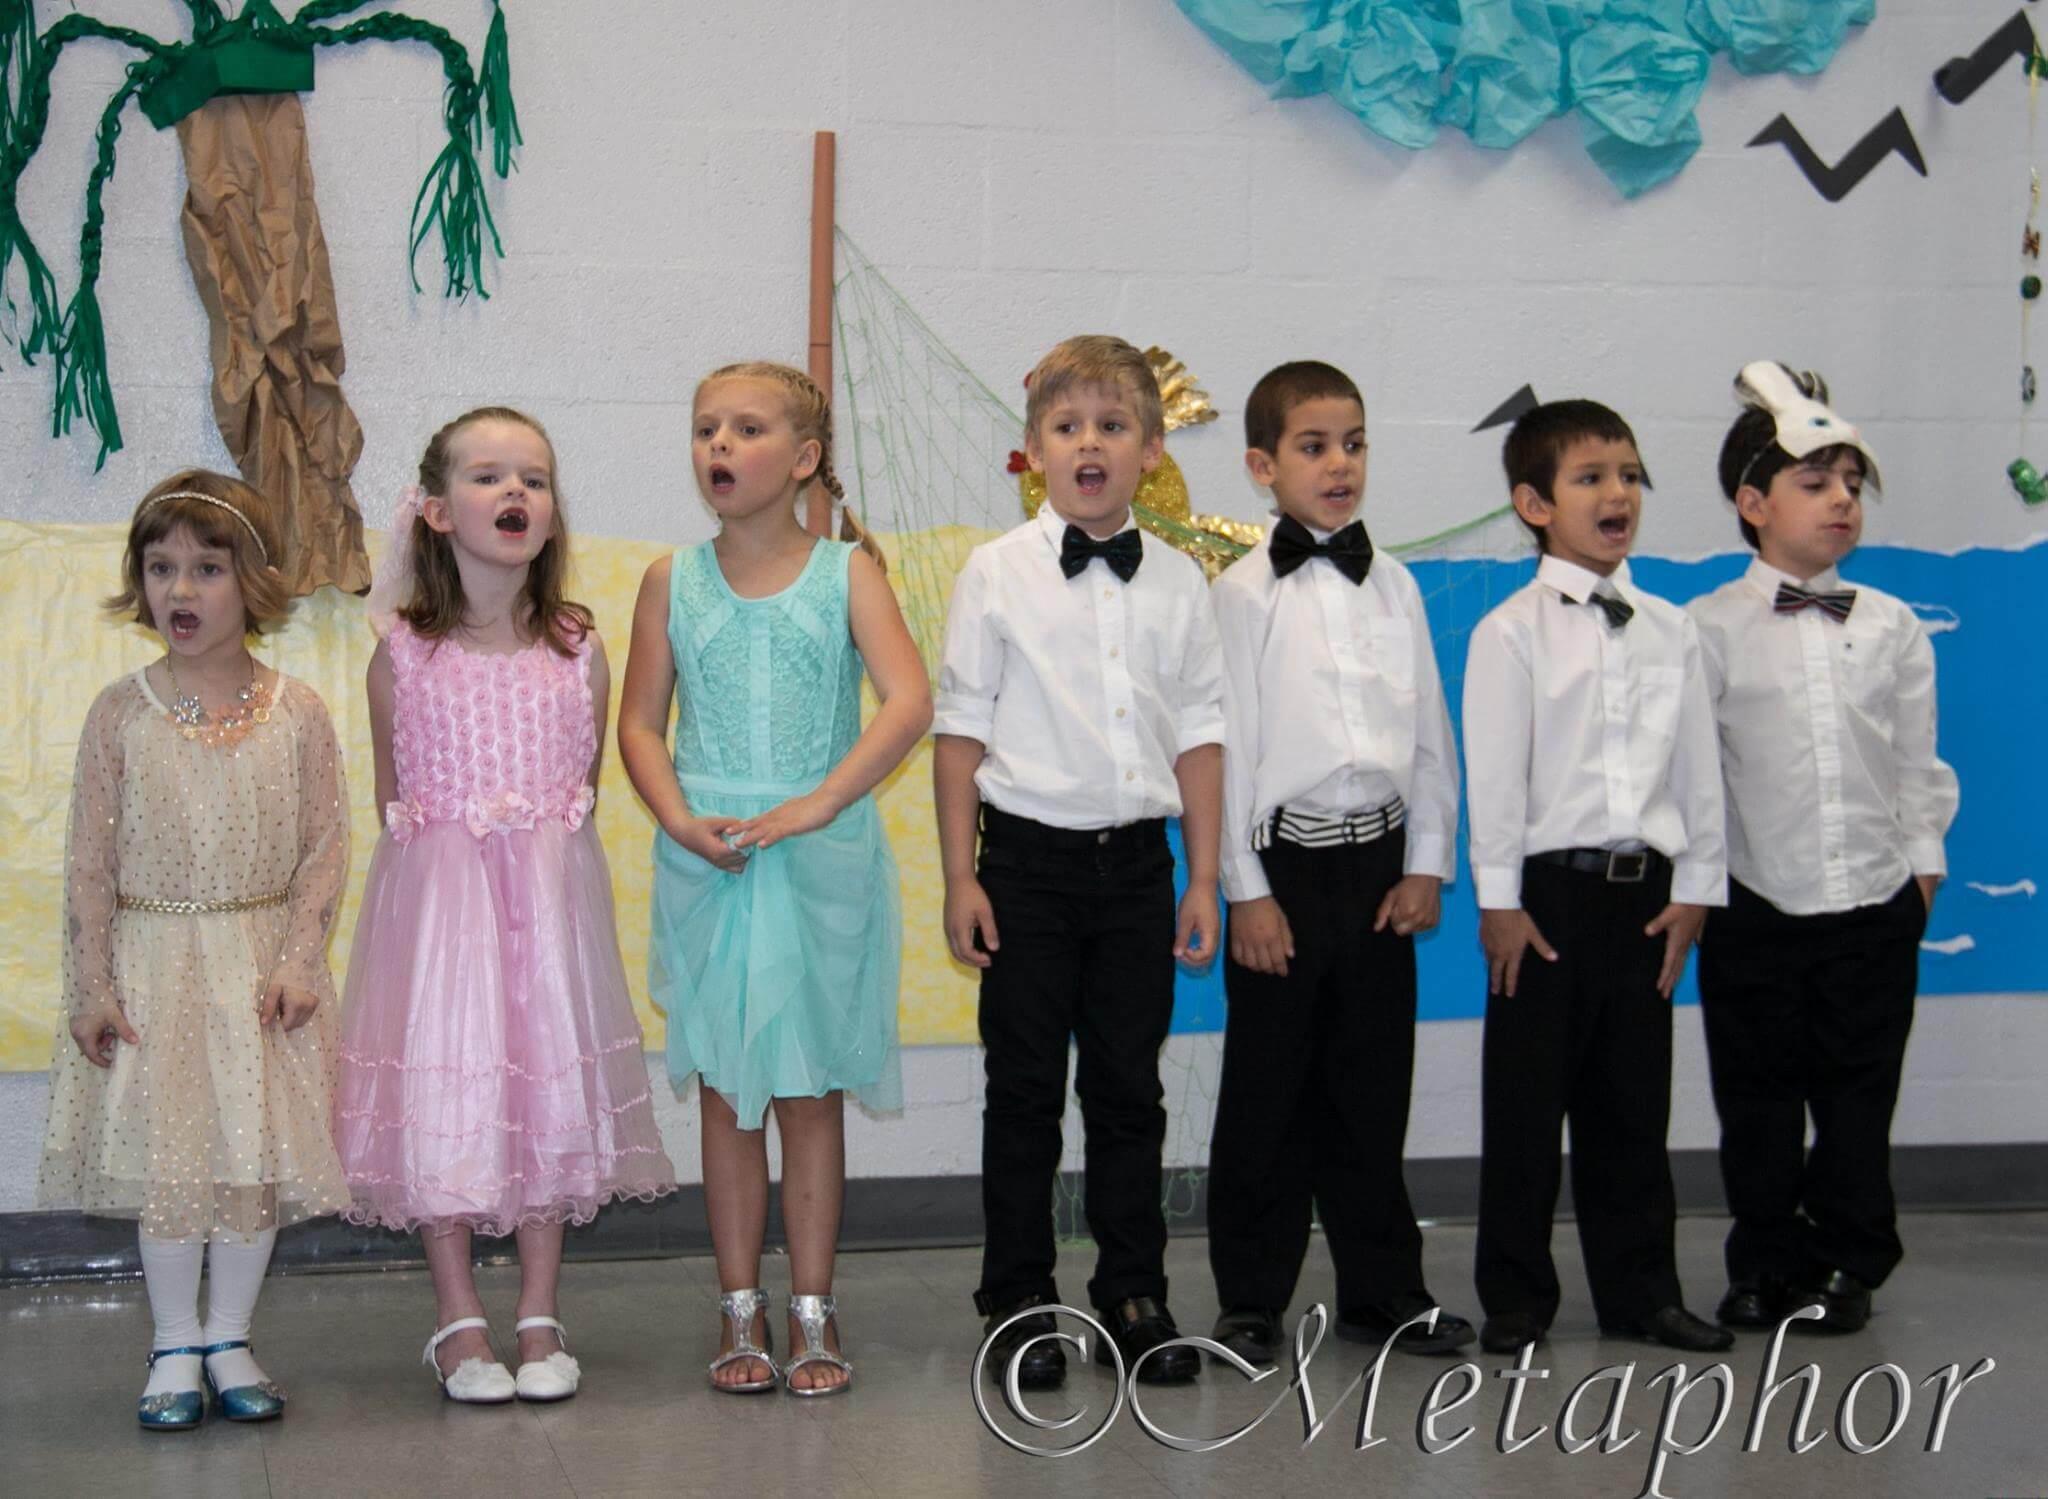 Graduation Ball  1 - Metaphor School